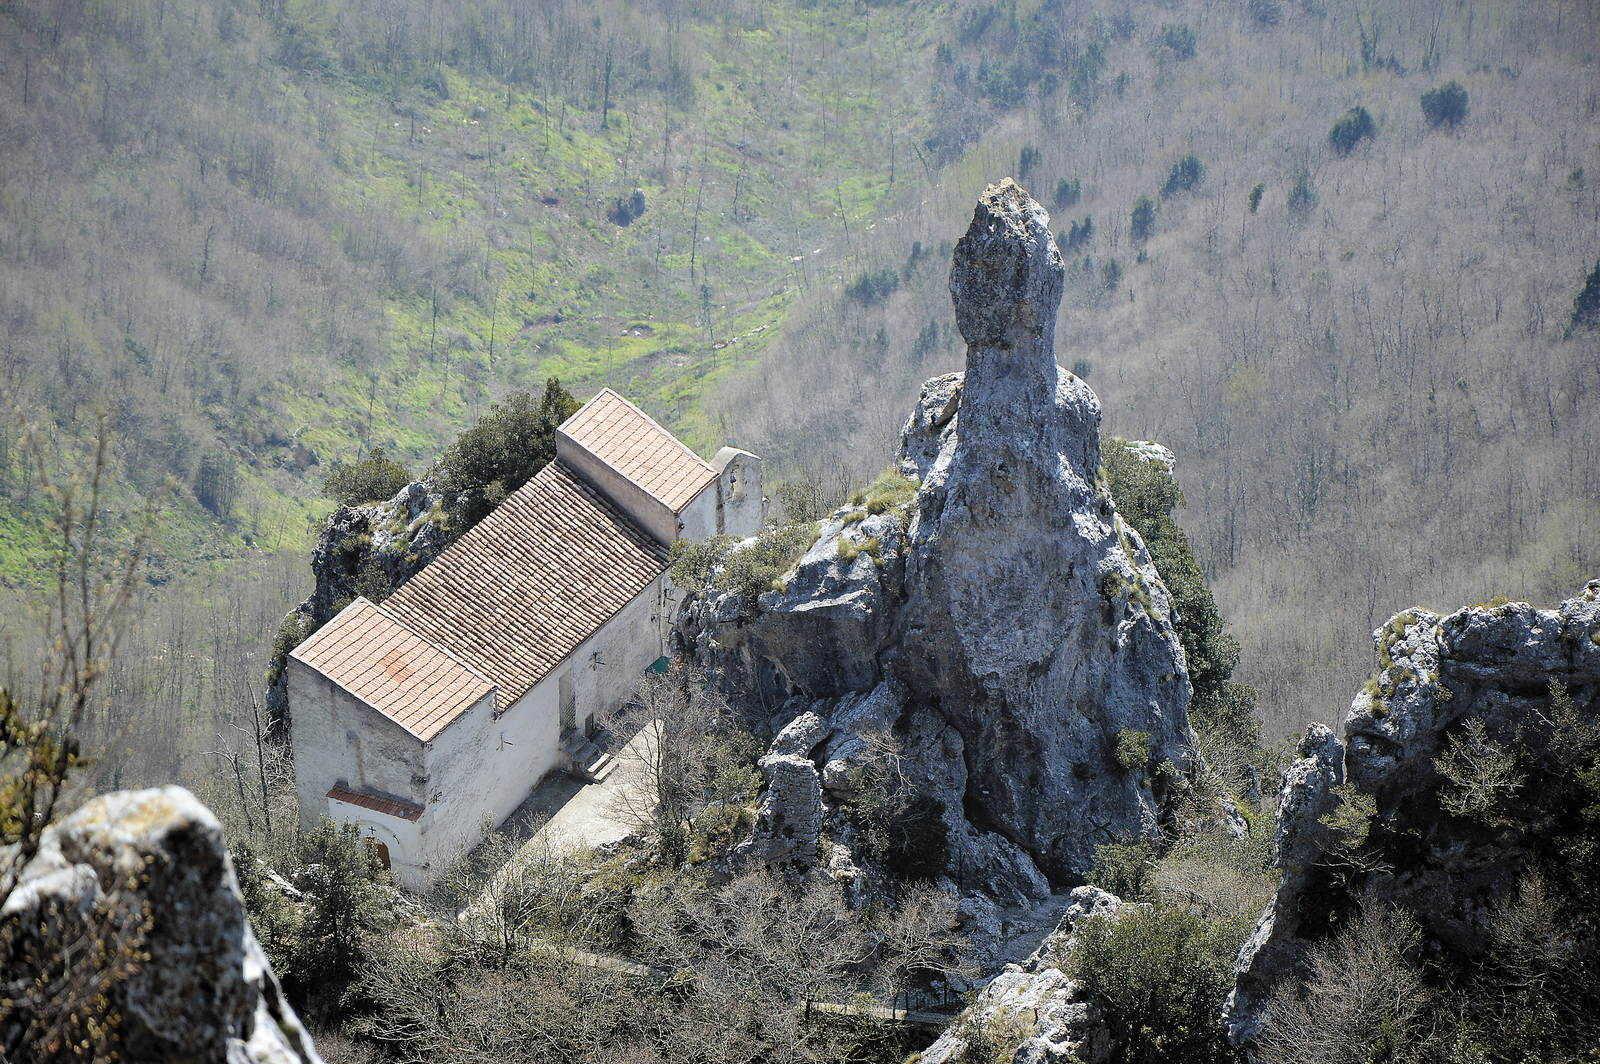 San Salvatore da sopra